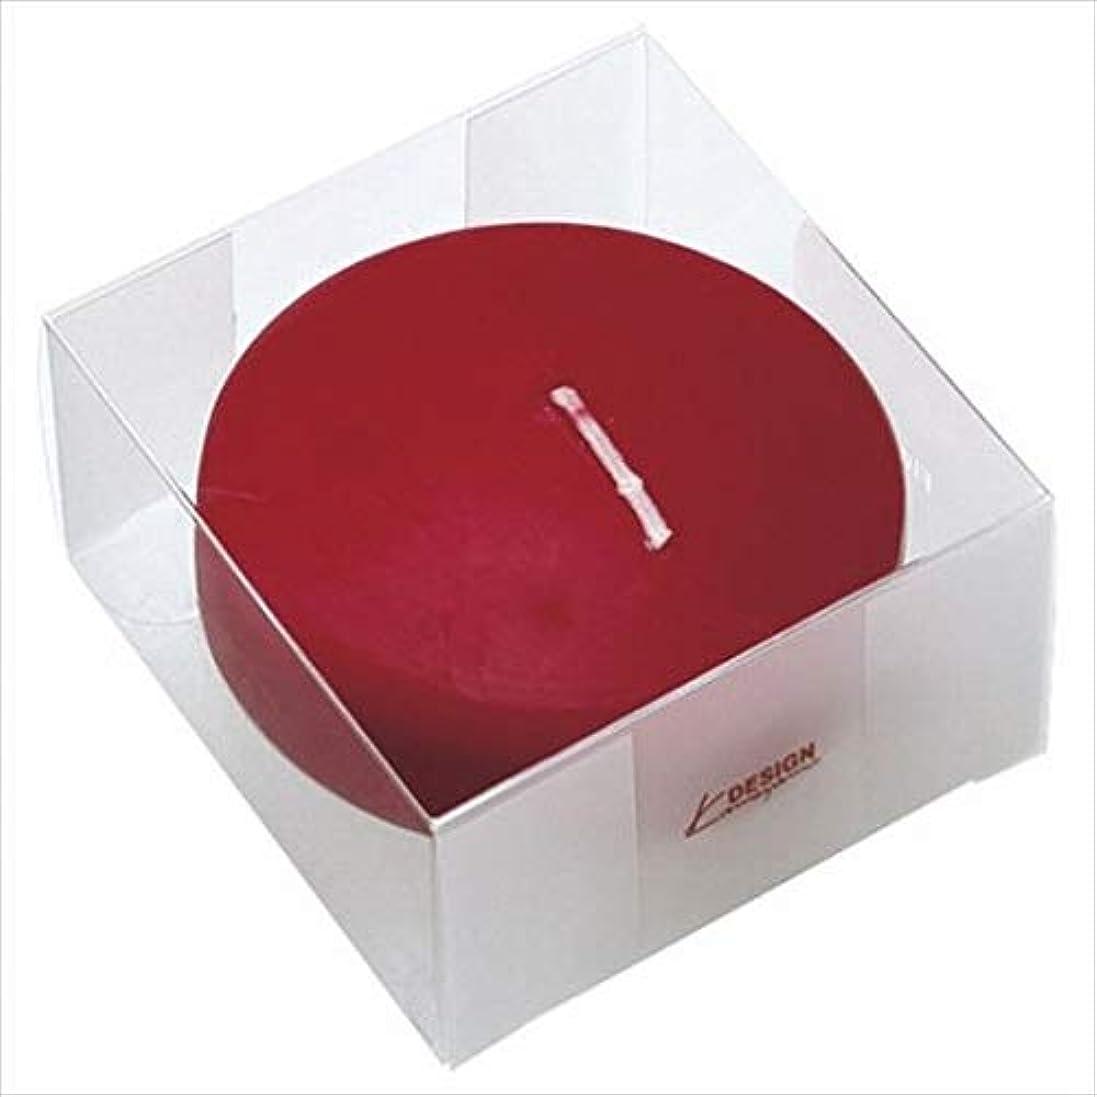 ウェイドピアノを弾くのれんカメヤマキャンドル(kameyama candle) プール80 (箱入り) 「 ワインレッド 」 キャンドル 6個セット